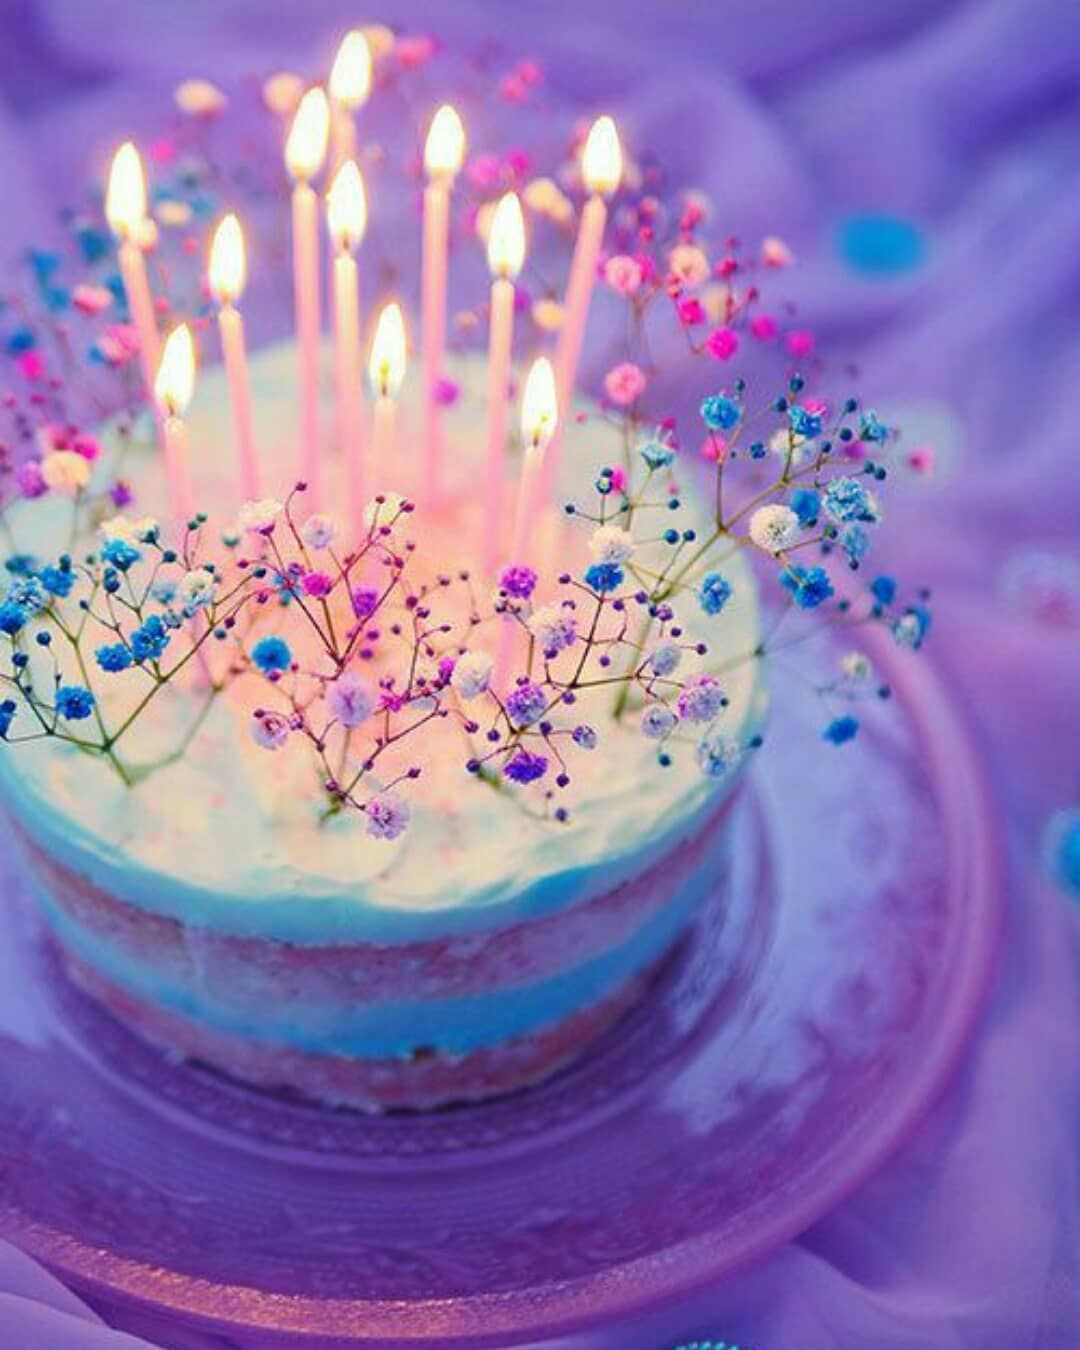 birthday#cake#birthdaycake#happy#happybirthday#candels#c#light ...